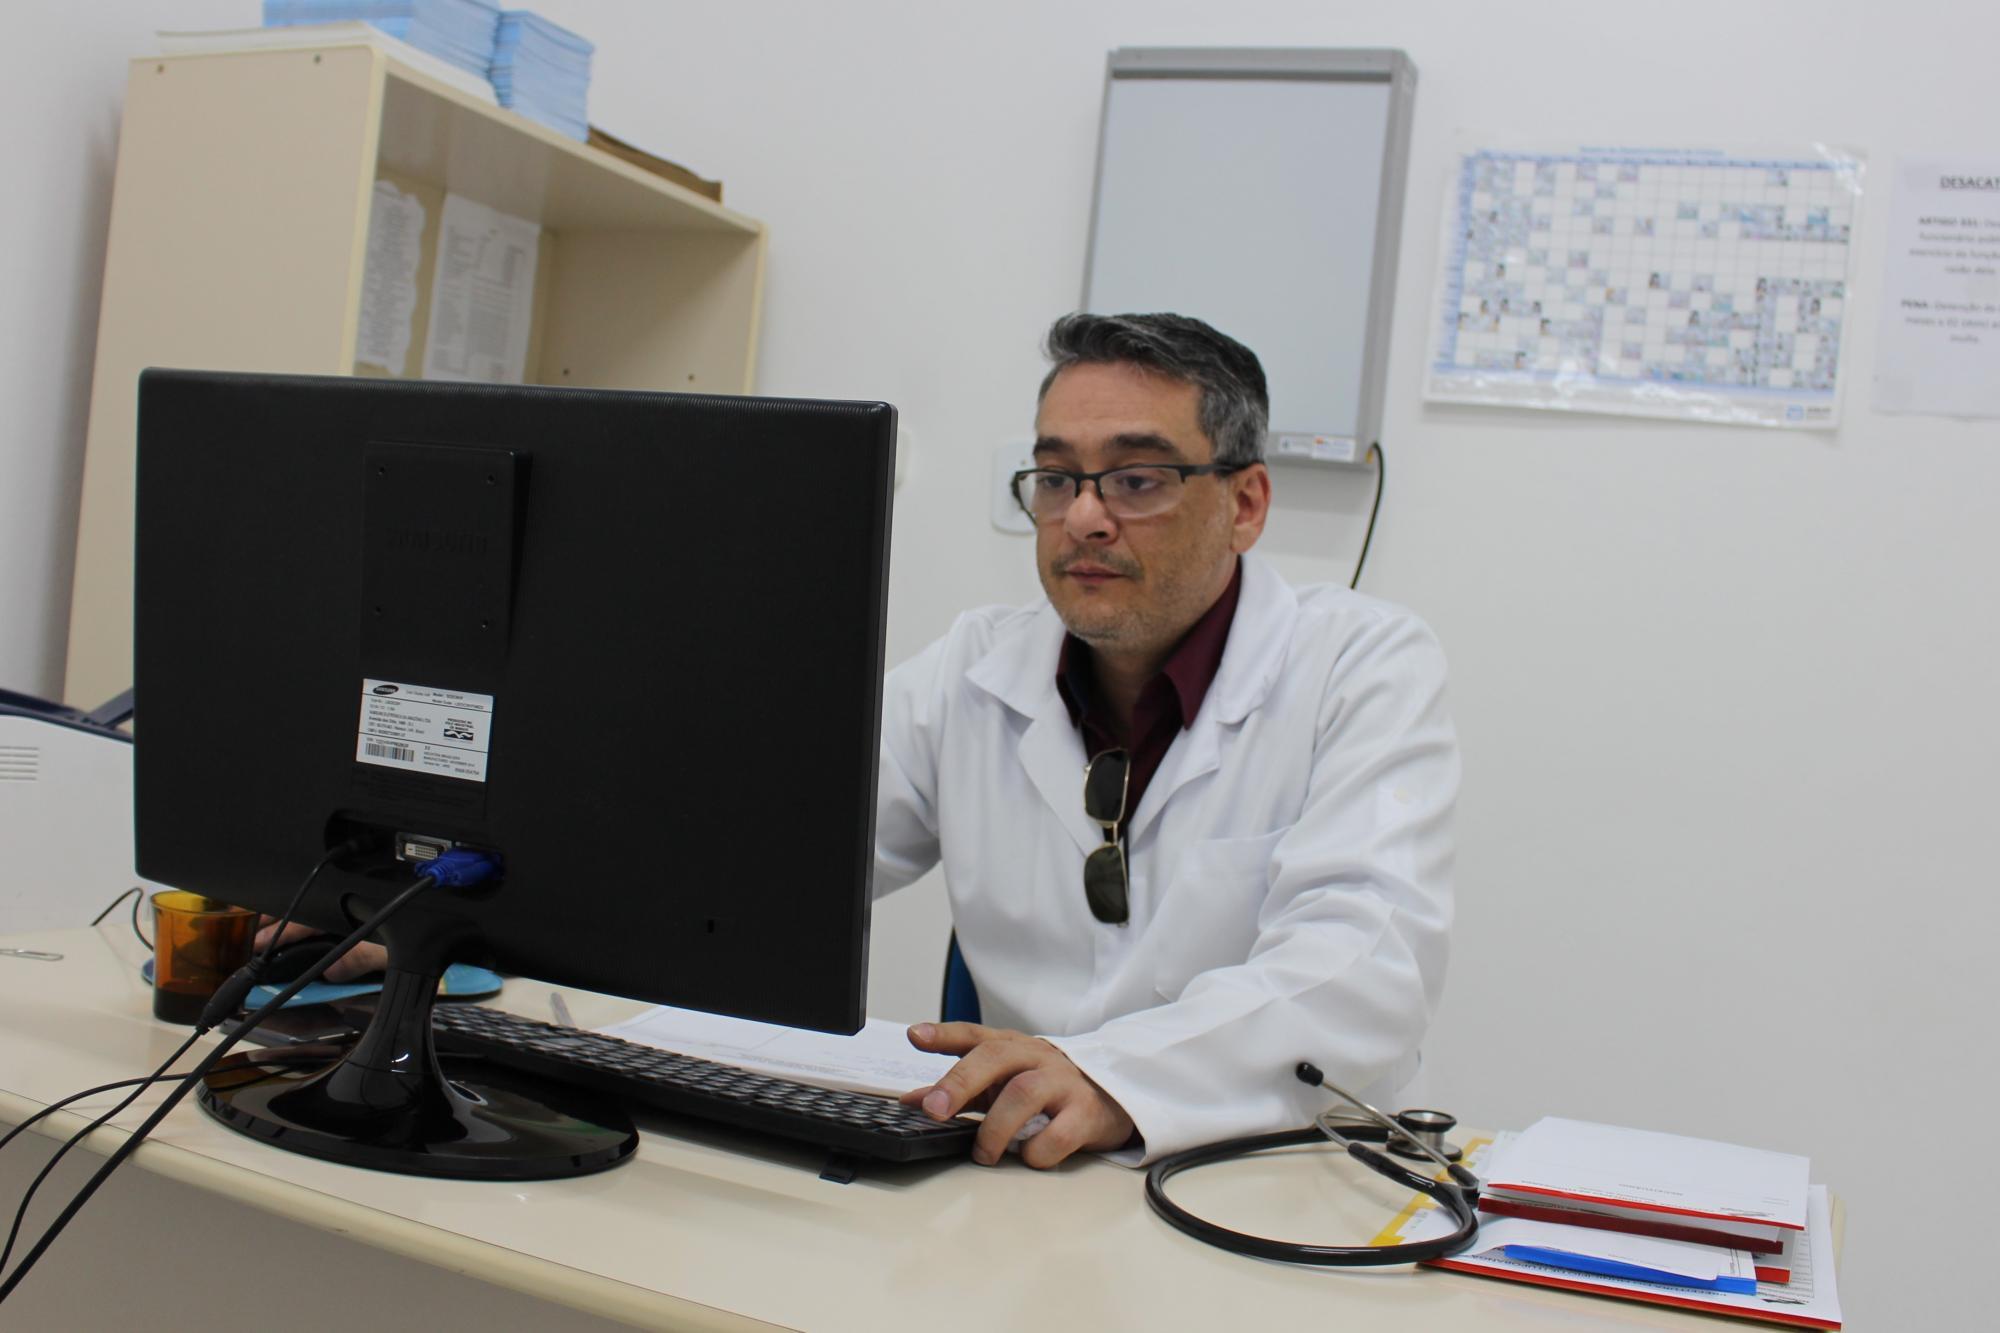 NOVO MÉDICO NA UNIDADE BÁSICA DE SAÚDE DO BAIRRO GABIROBA